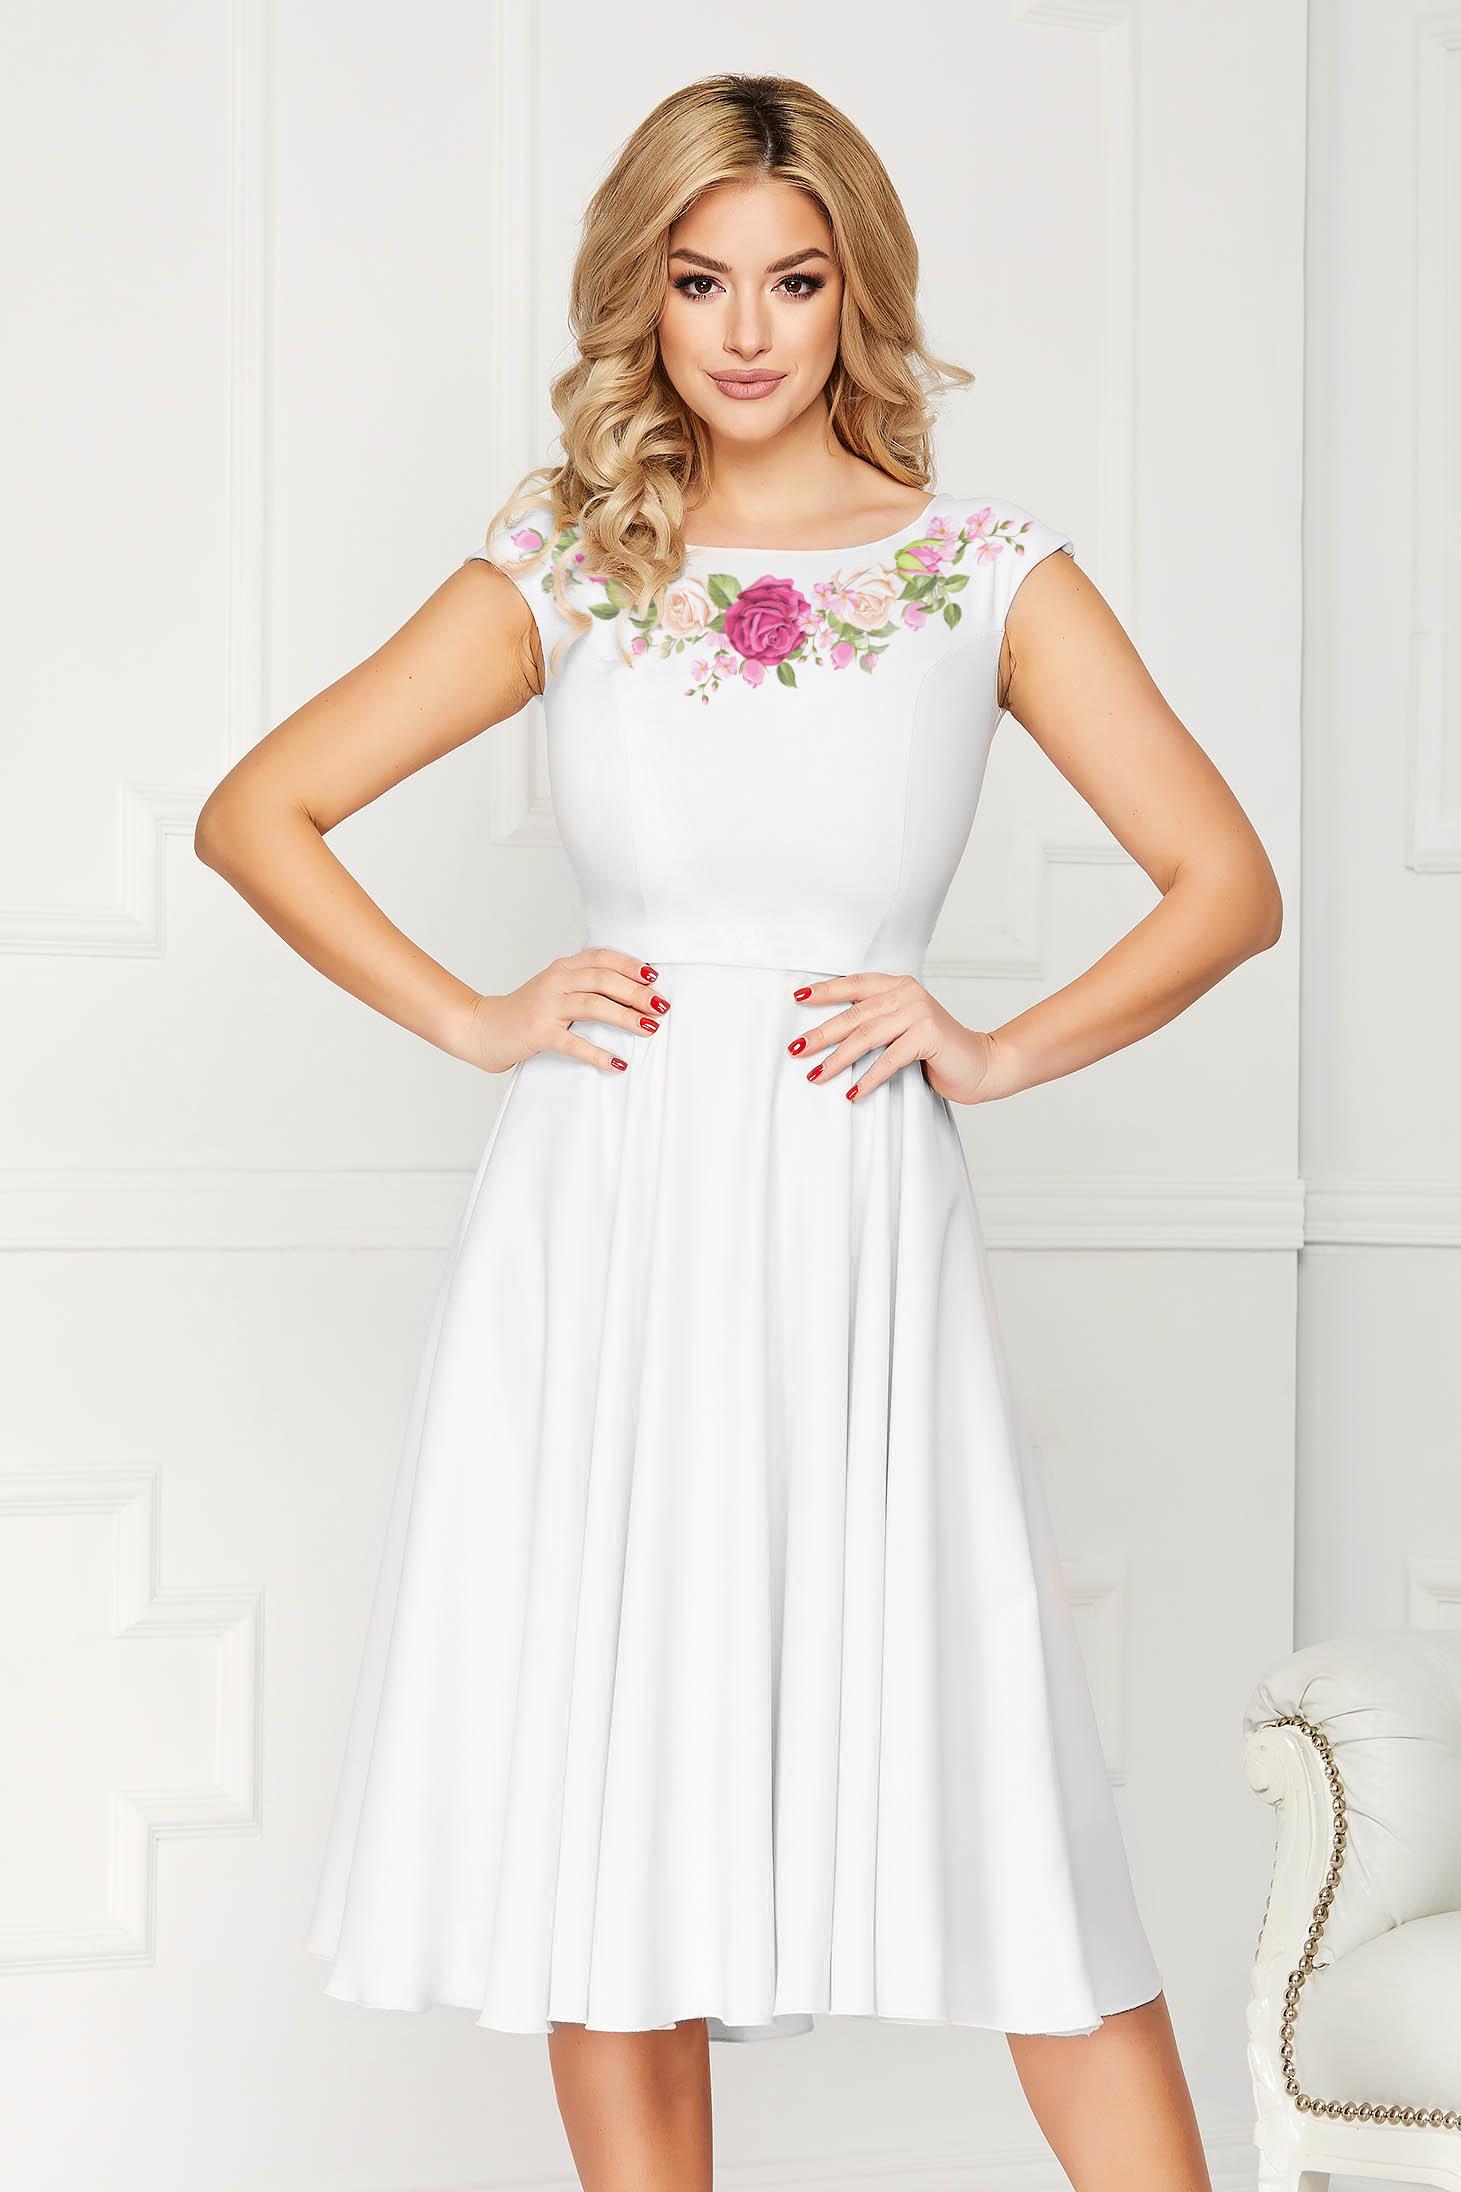 Fehér StarShinerS elegáns harang ruha virágmintás enyhén rugalmas szövetből